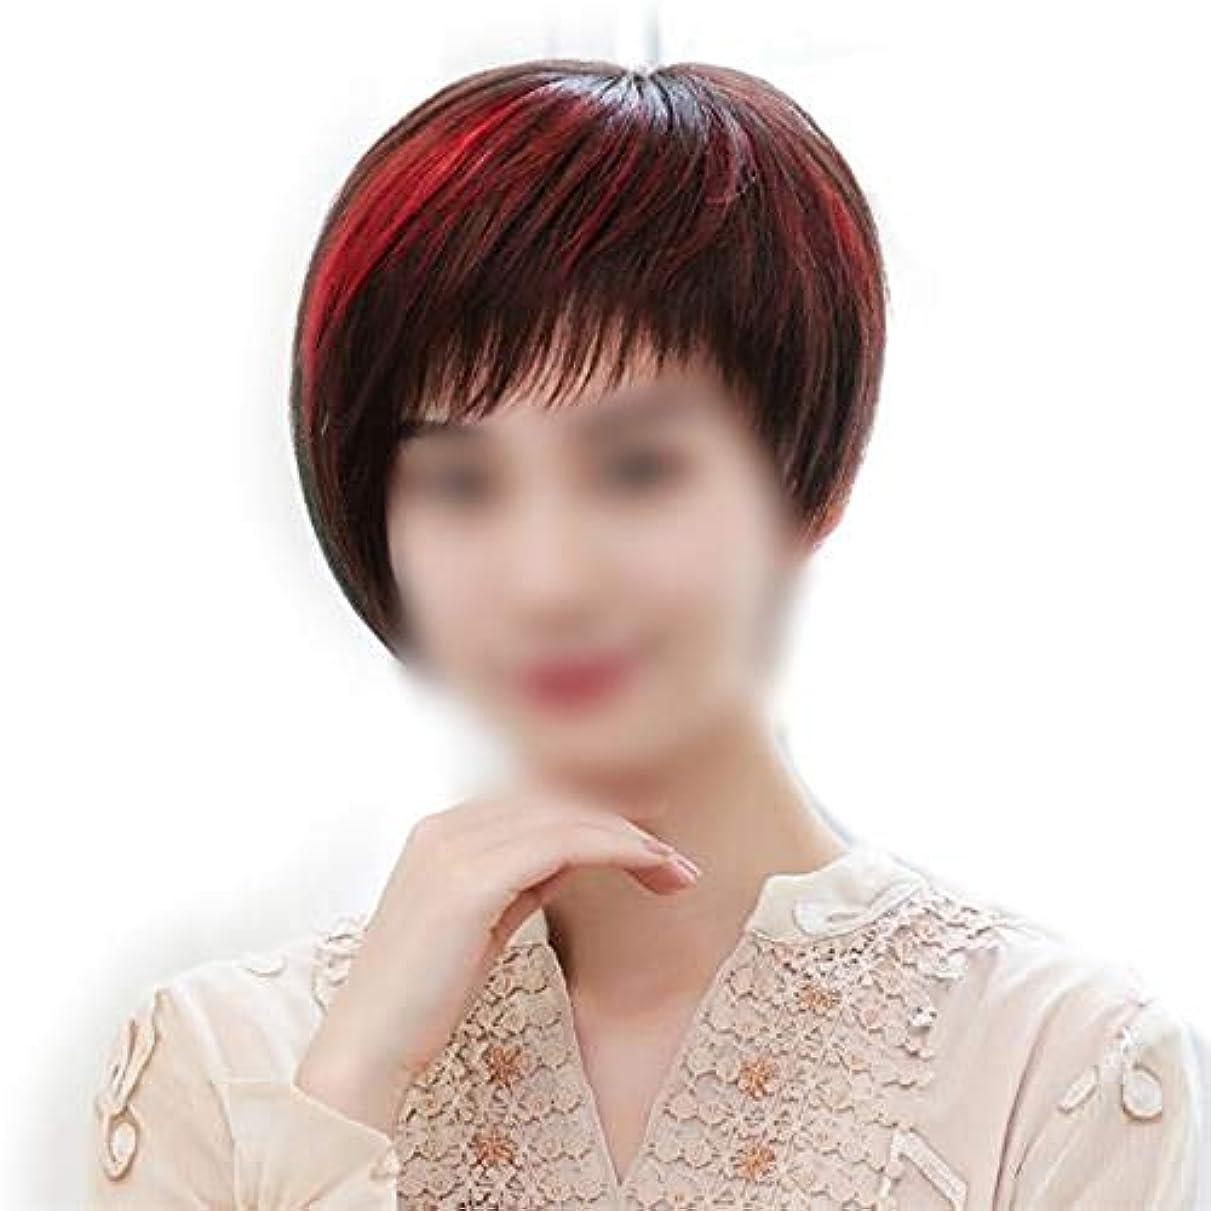 チャップヘッジ嵐YOUQIU ナチュラルブラックハイライトレッドボブウィッグショートストレート髪レアル髪ハンサムハンド織ウィッグウィッグ (色 : Natural black)